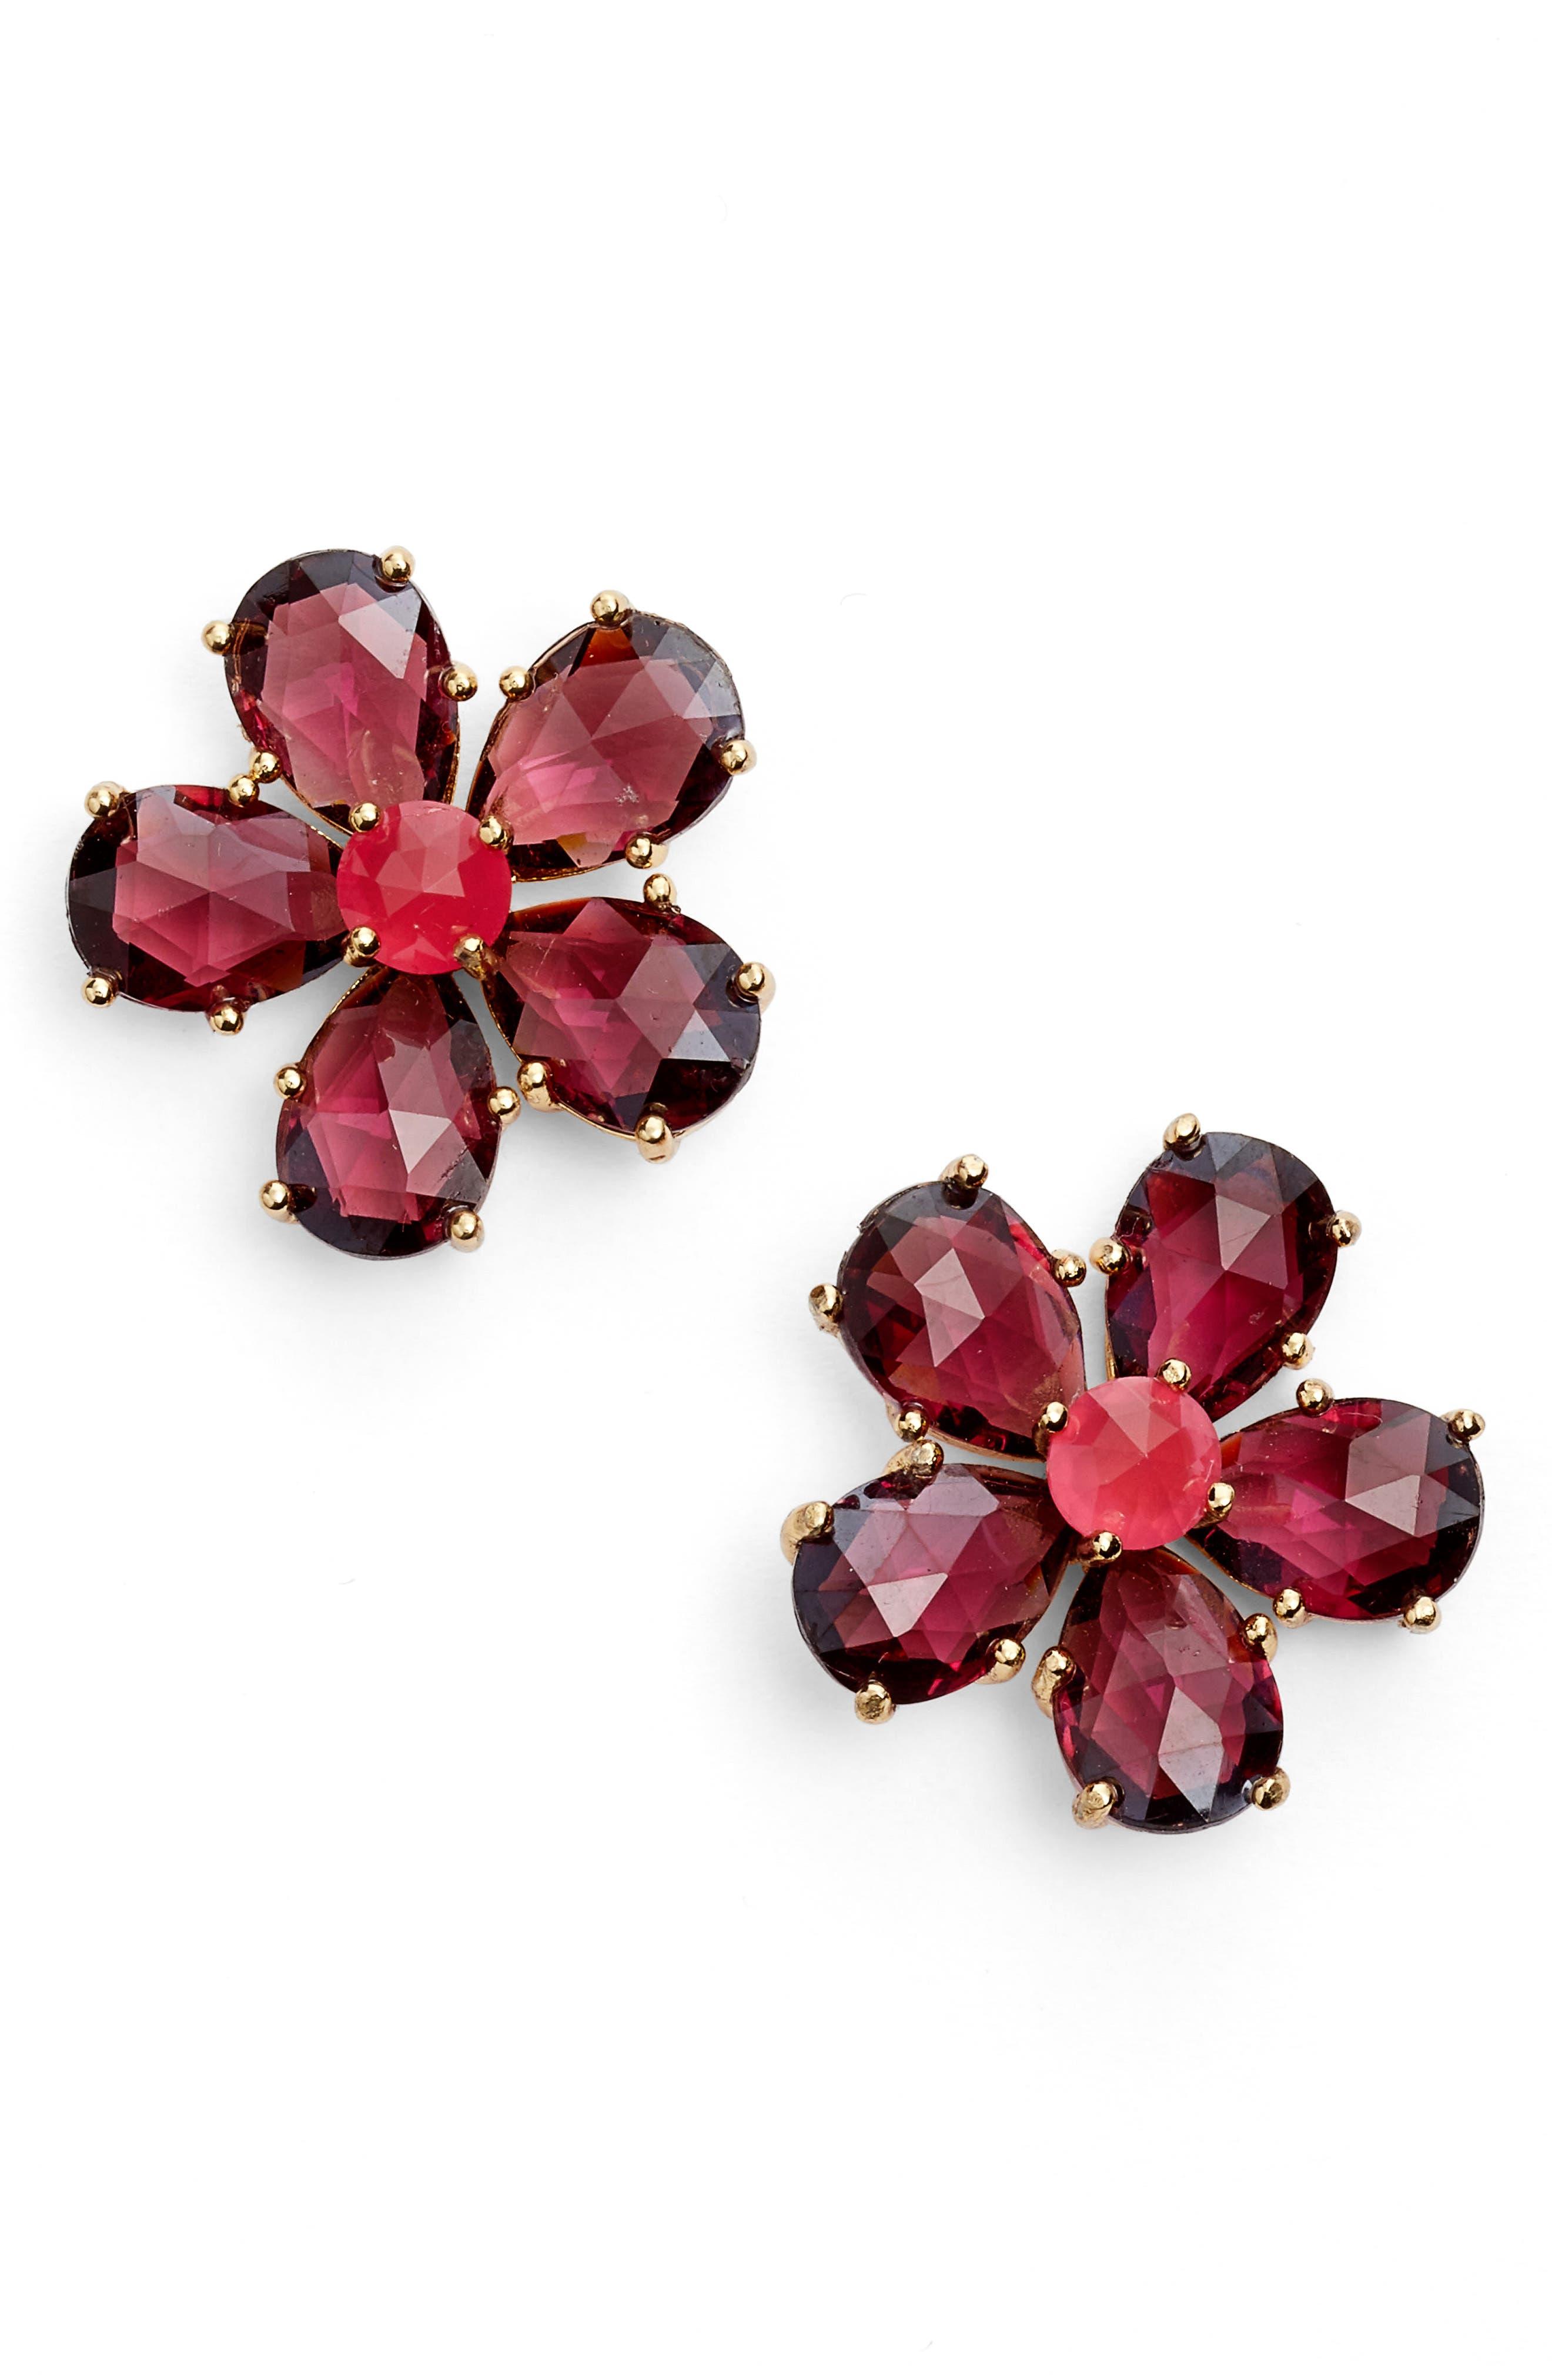 kate spade new york in full bloom statement stud earrings